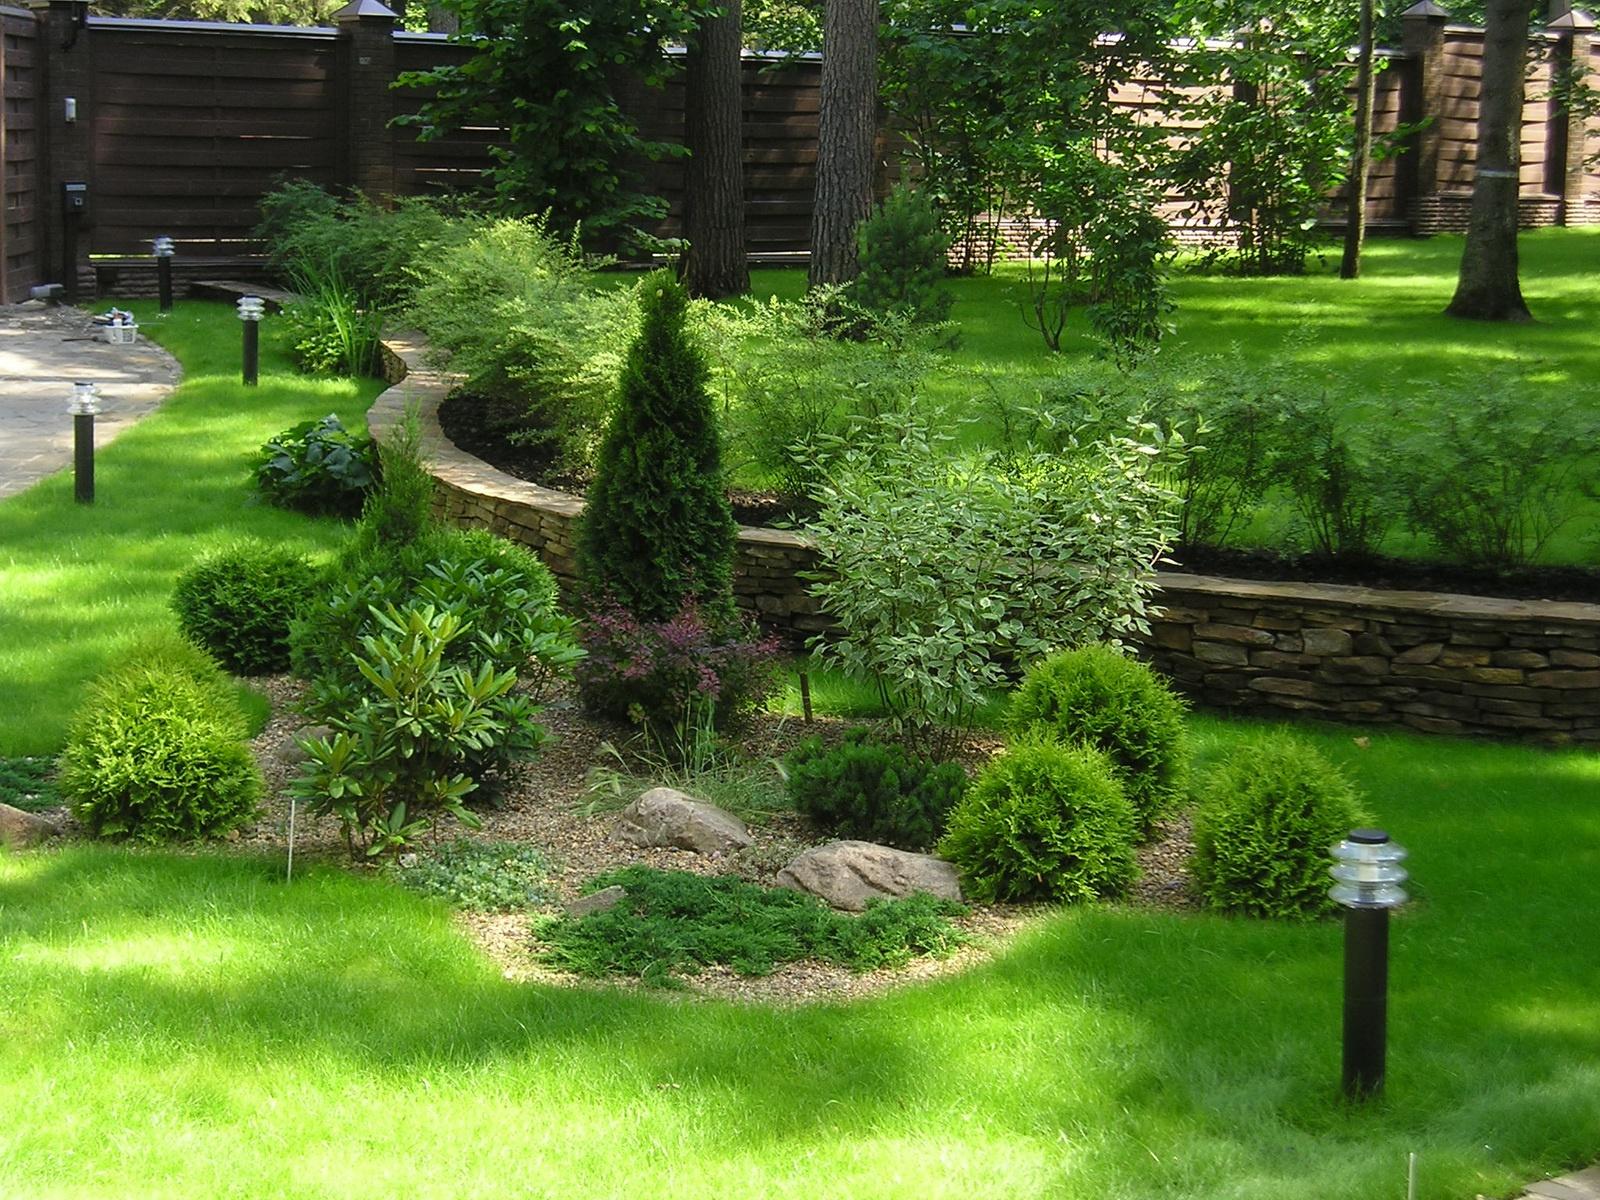 эстетичный вид садового участка